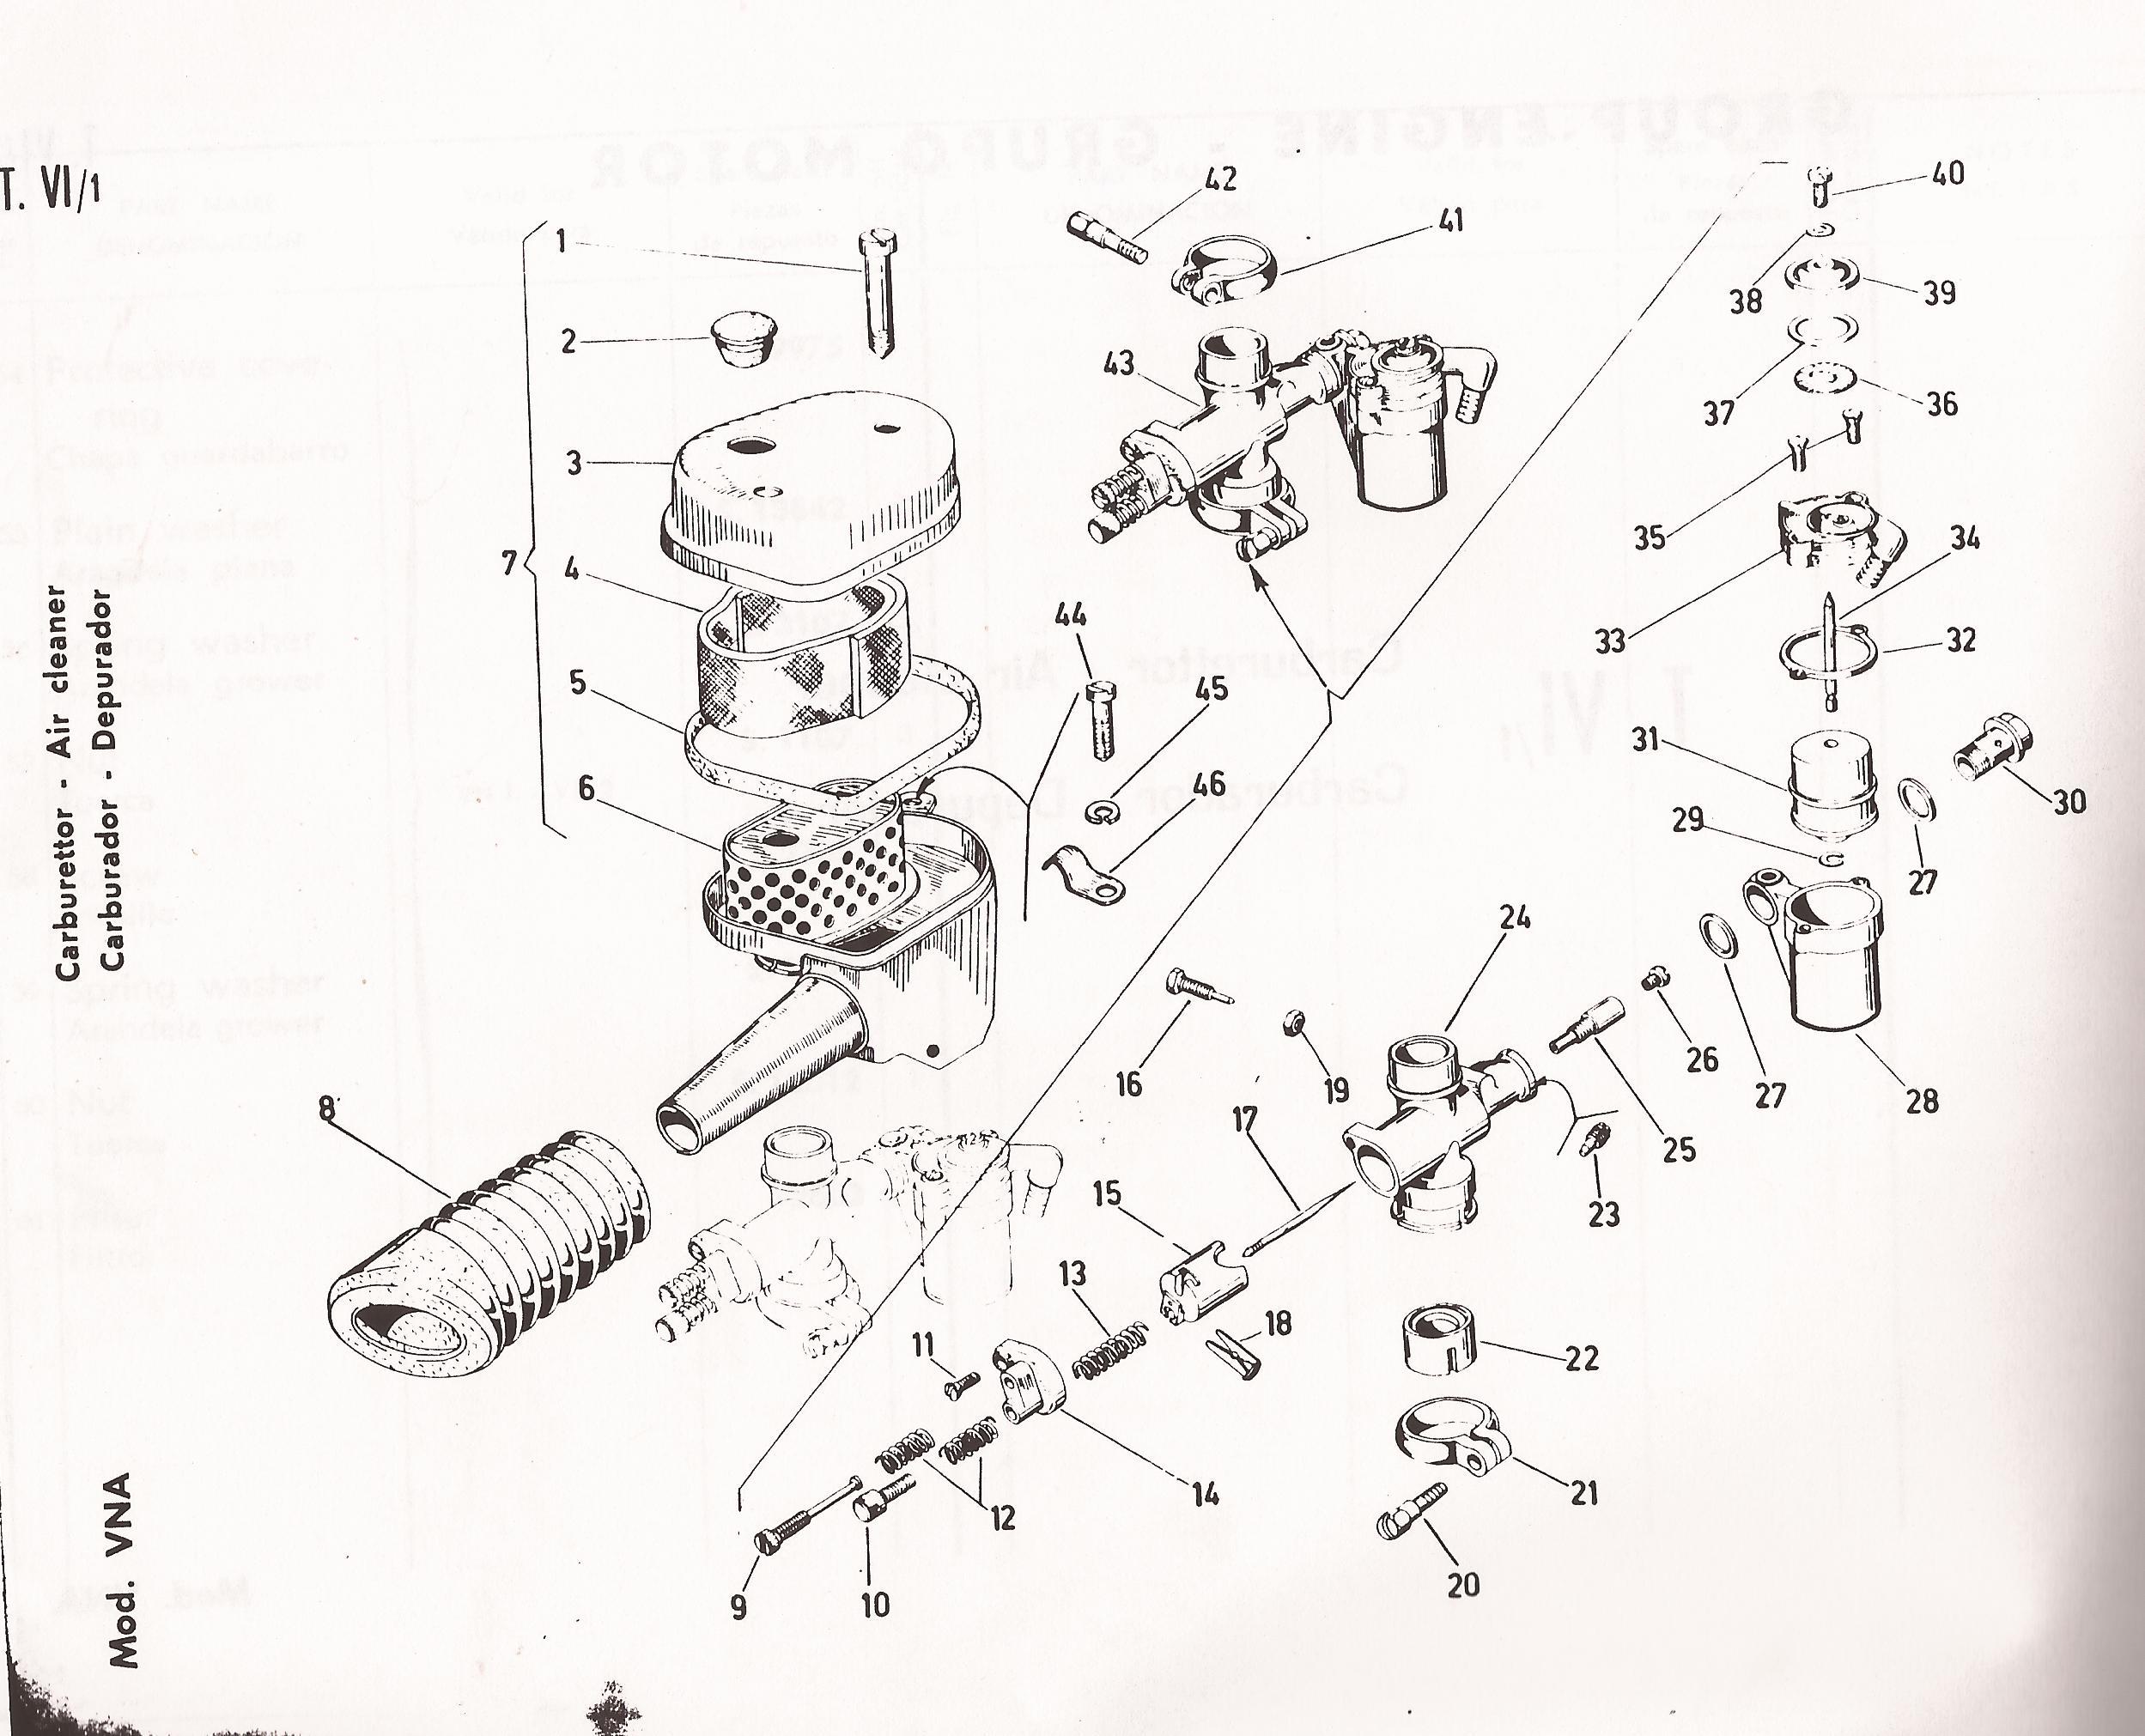 Vespa 125 Spare Parts VN1 VN2 VNA1 VNA2 VNB1 VNB2 VNB3